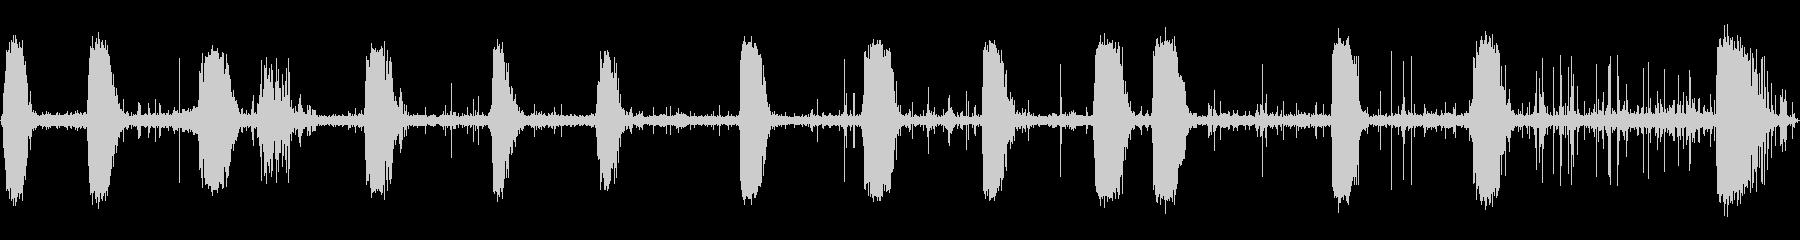 ヘビーブローイングファイアウーシャの未再生の波形